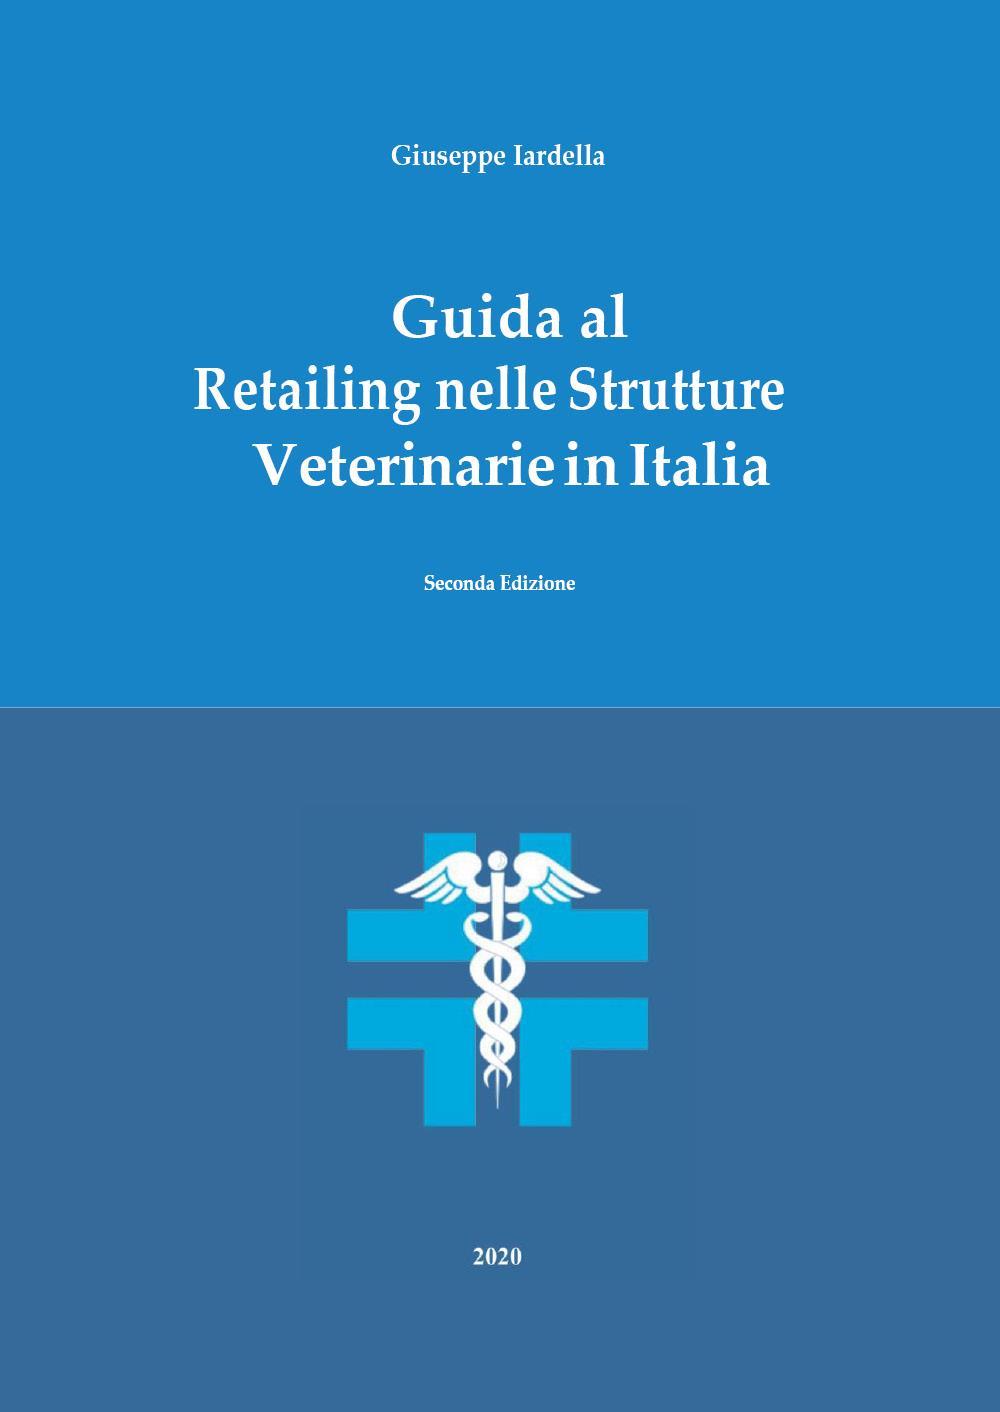 Guida al Retailing nelle Strutture Veterinarie in Italia - Seconda Edizione